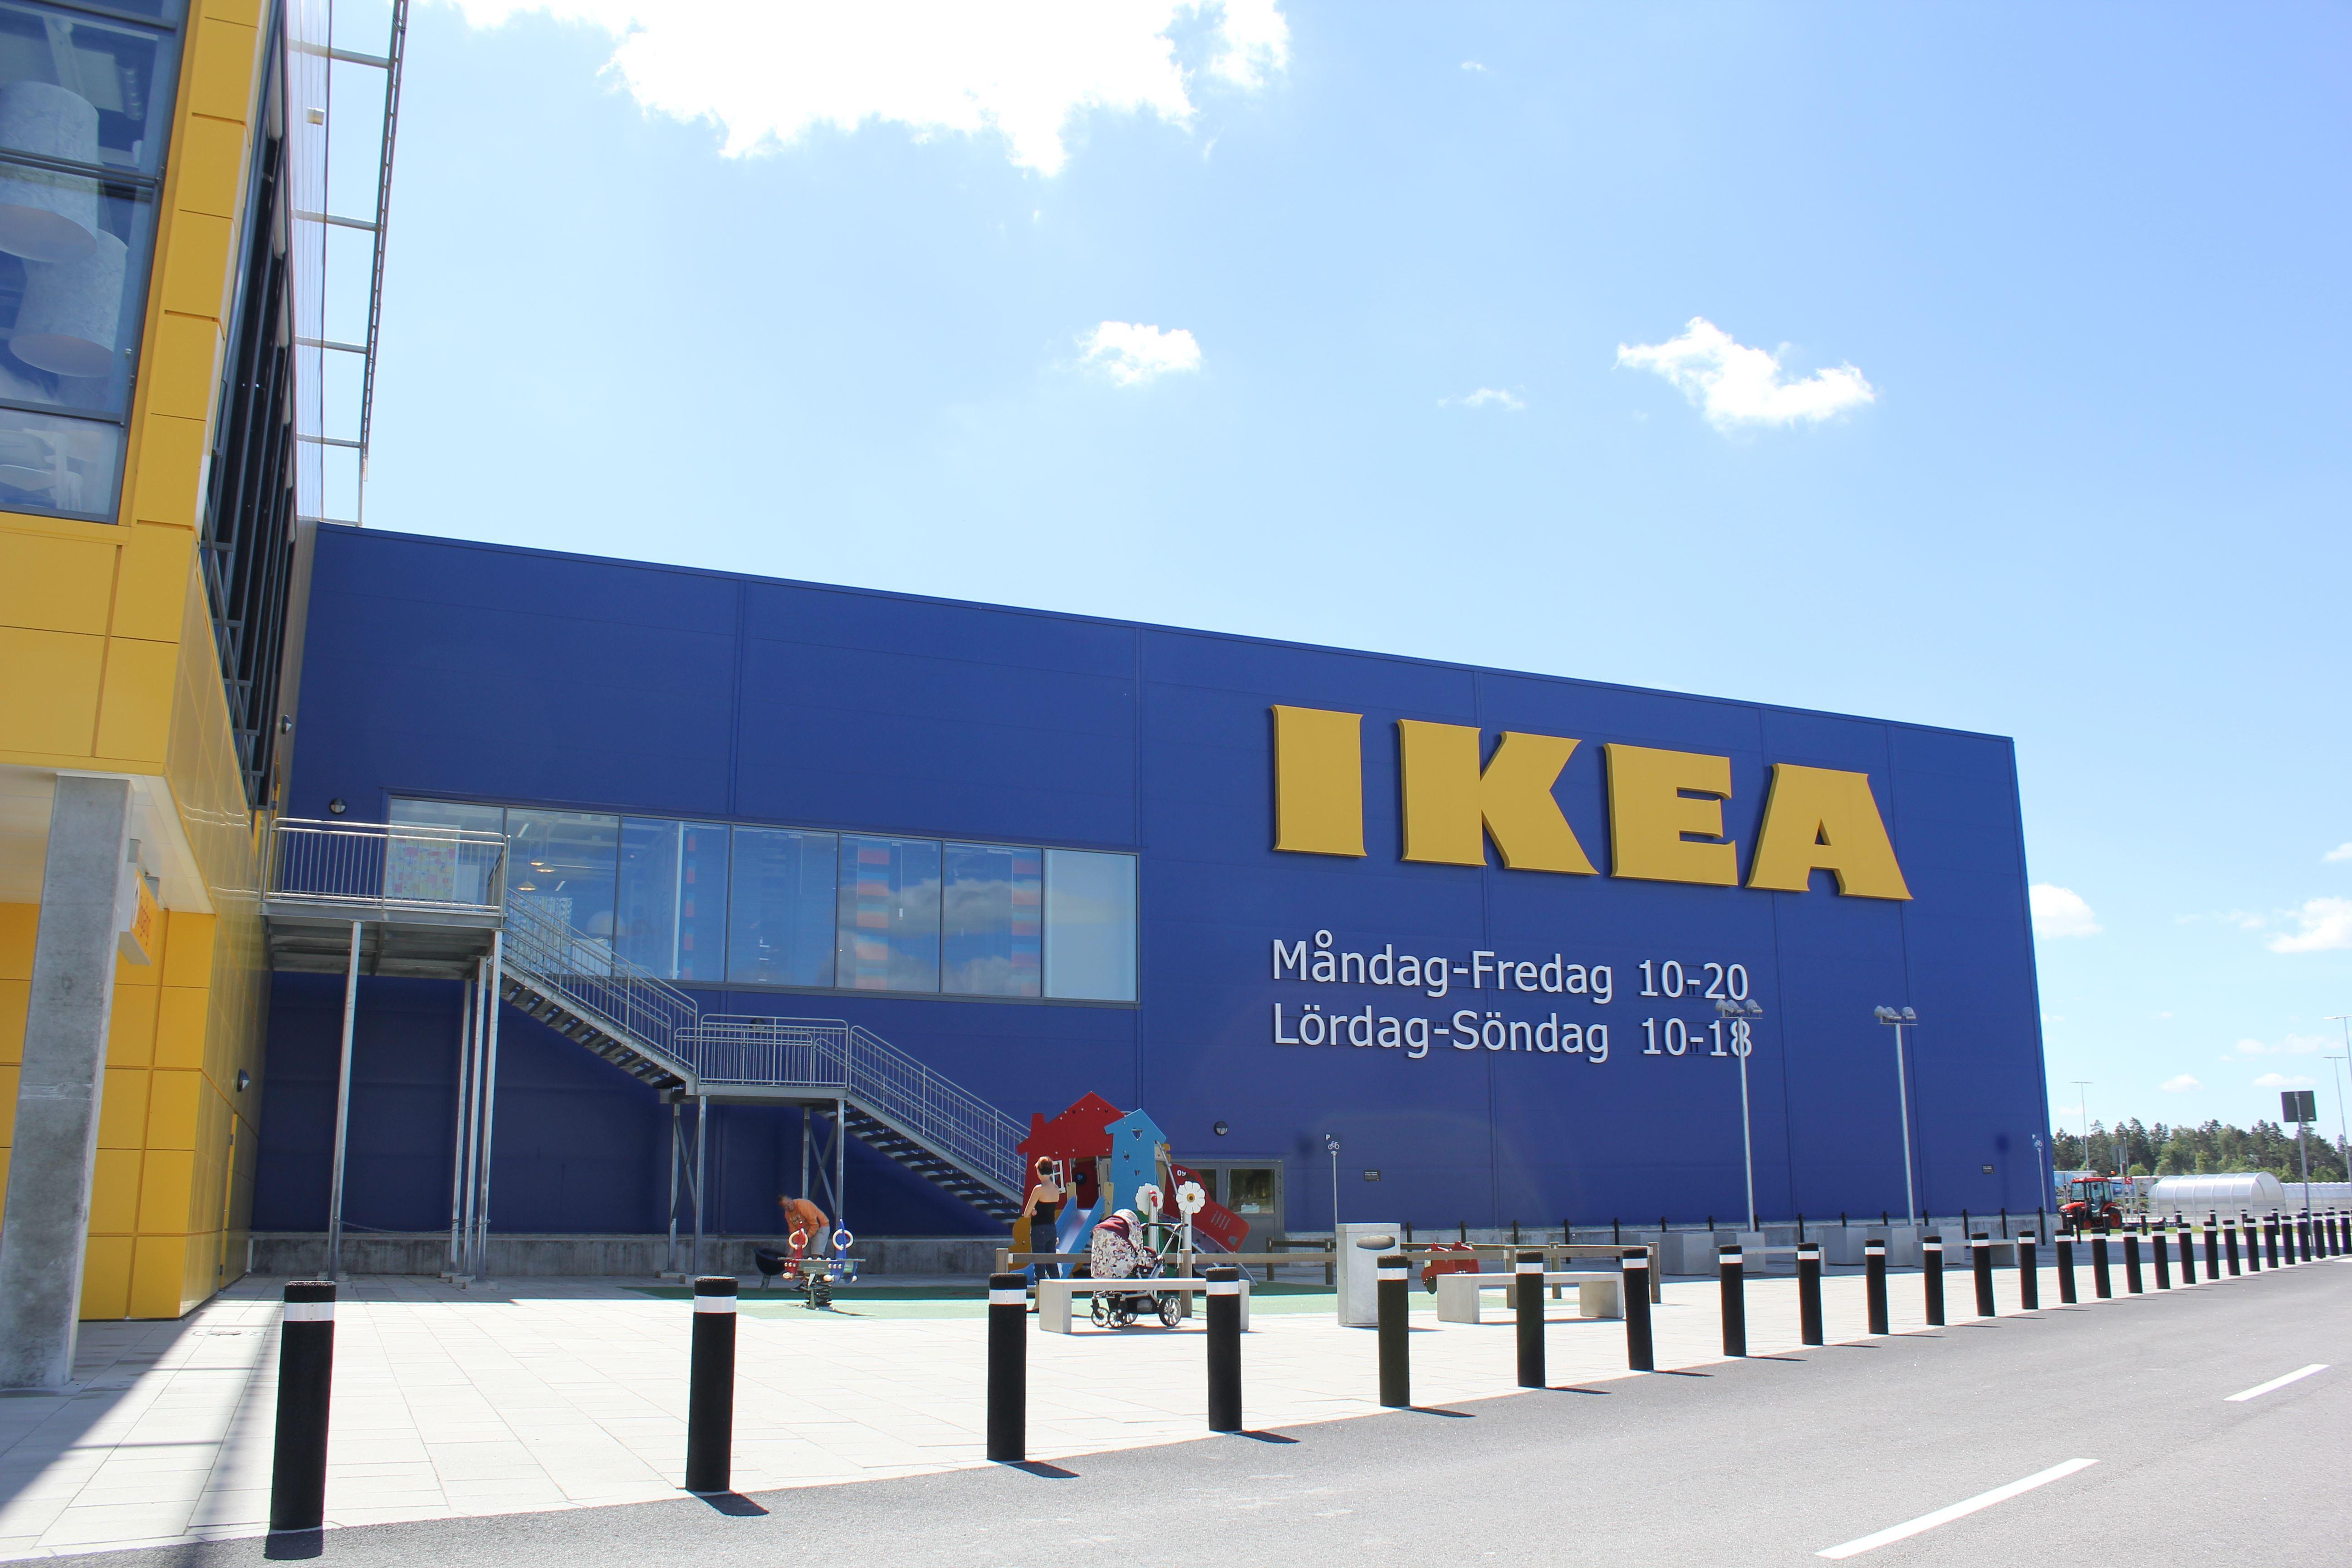 IKEA-varuhuset